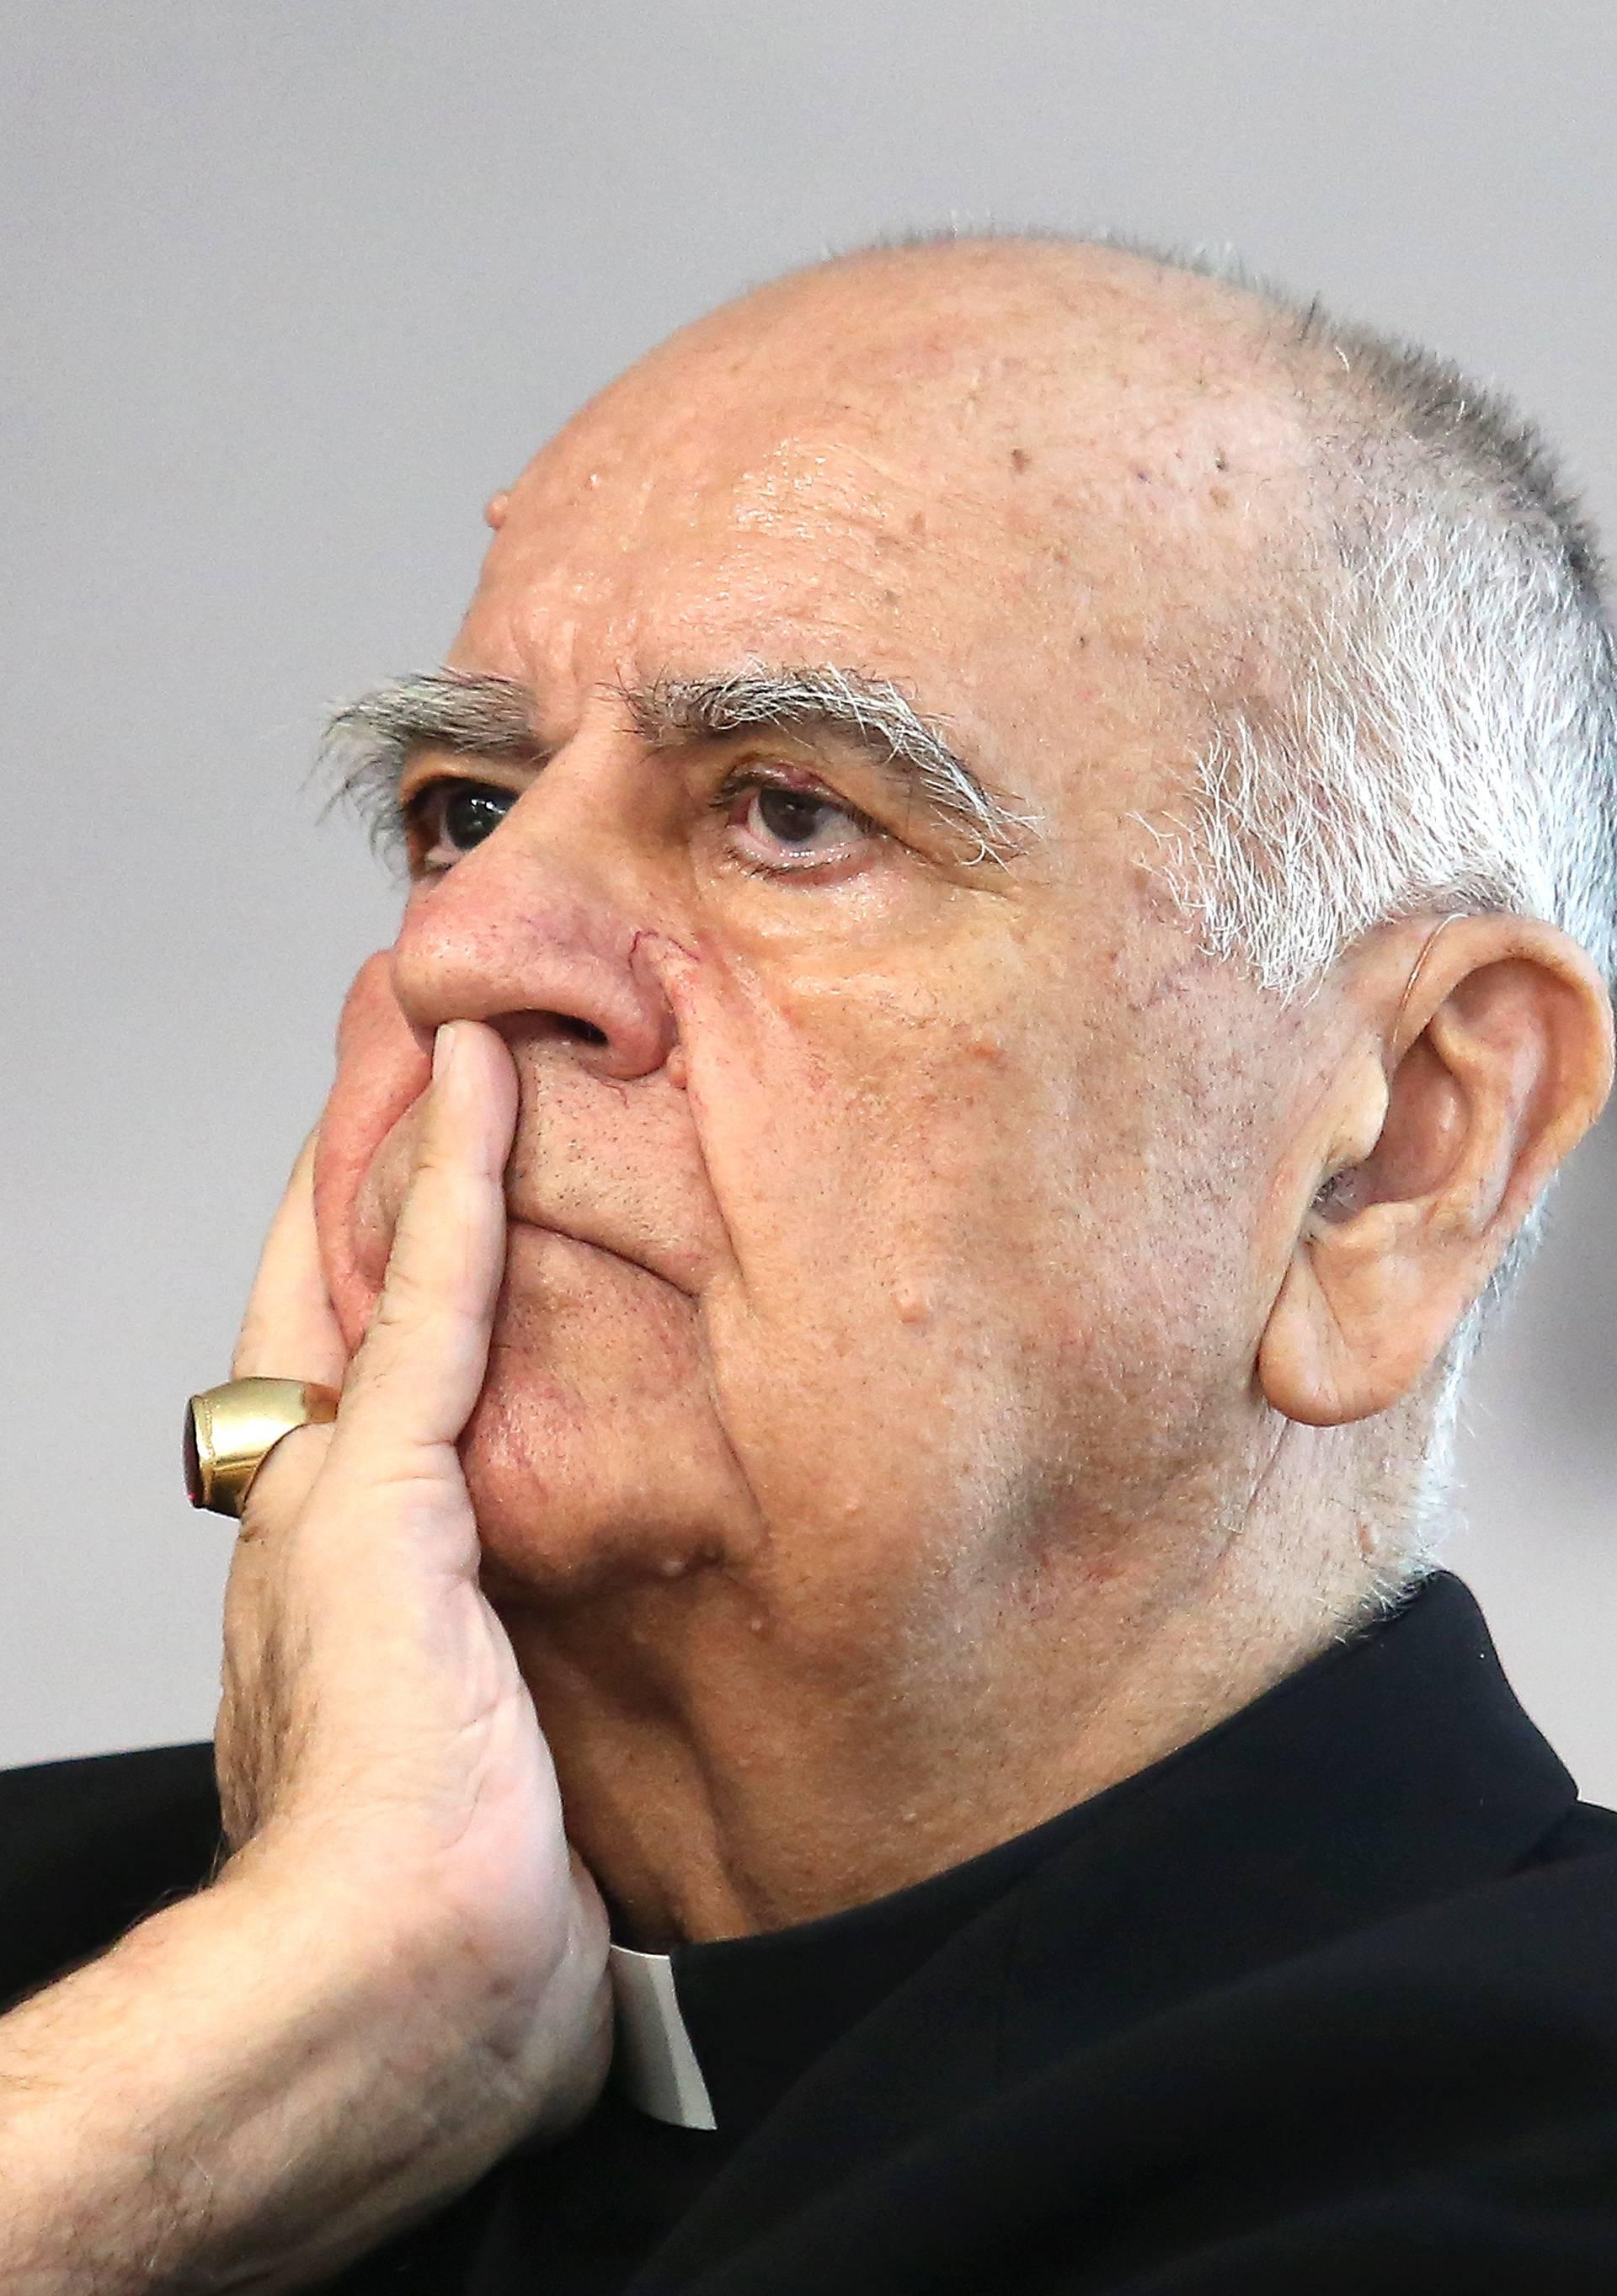 Šibenik:  Biskup Ratko Periæ predstavio je svoju knjigu Nada koja ne postiðuje